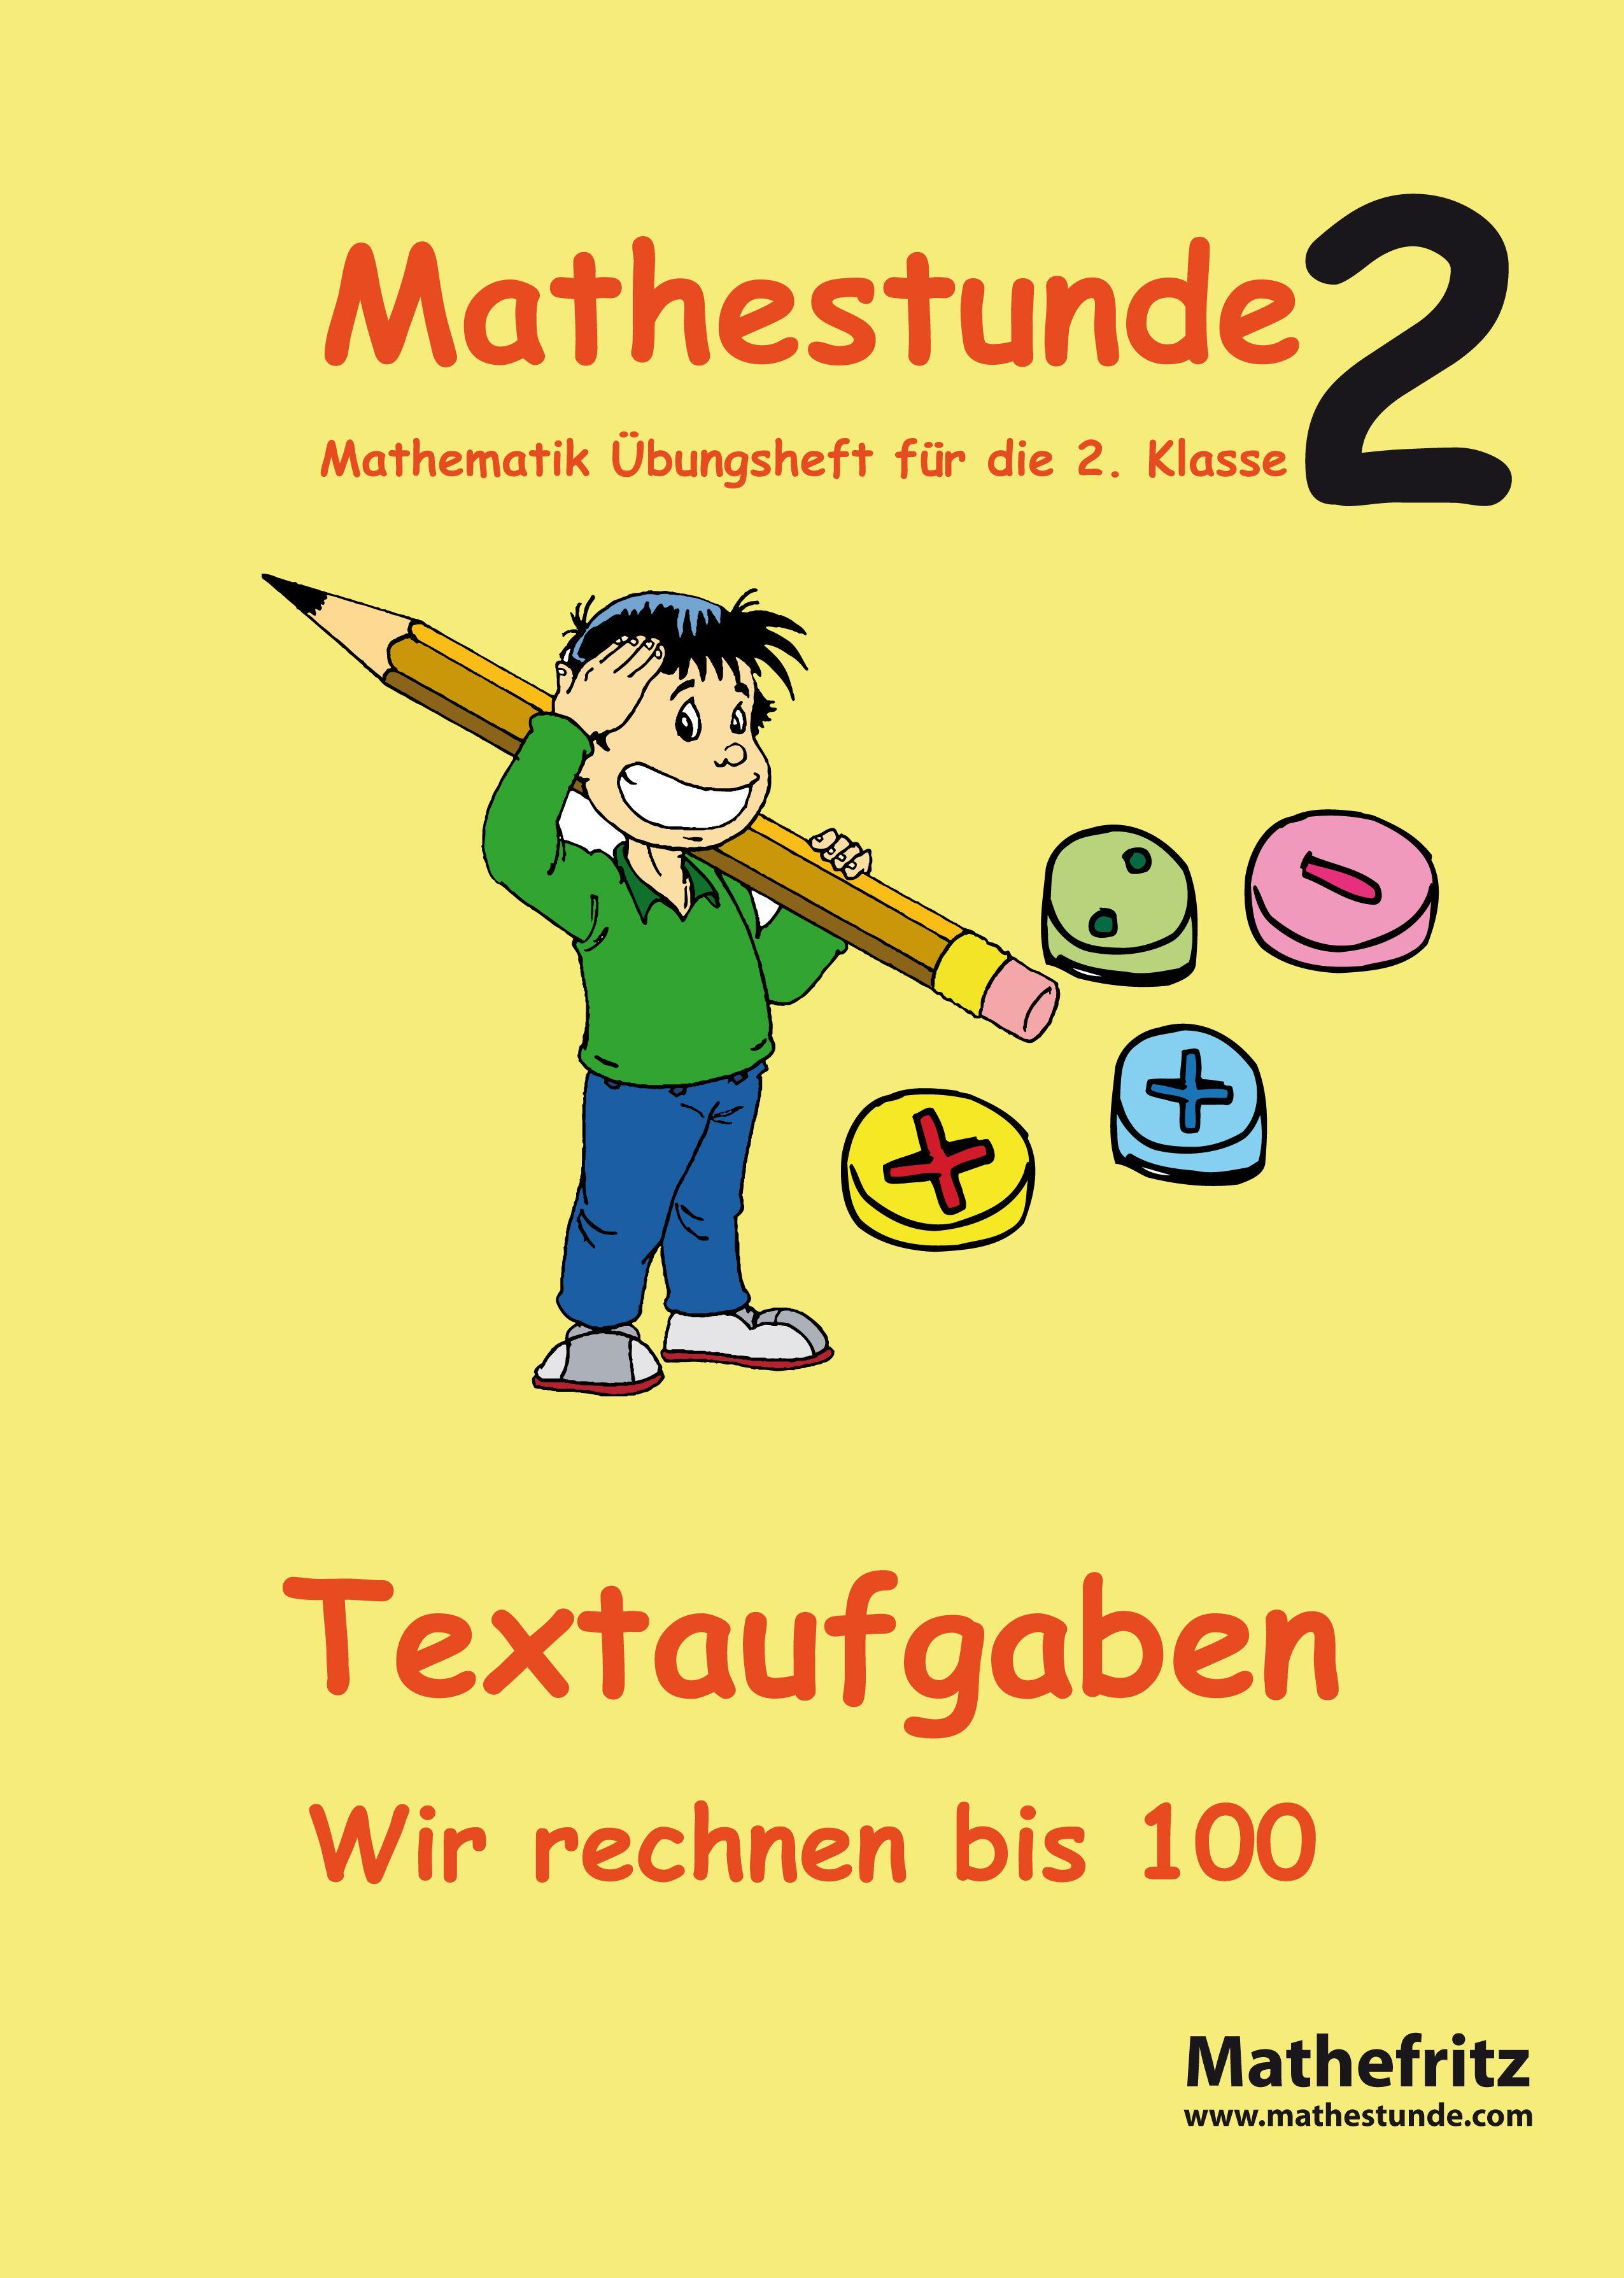 mathestunde 2 textaufgaben wir rechnen bis 100 von